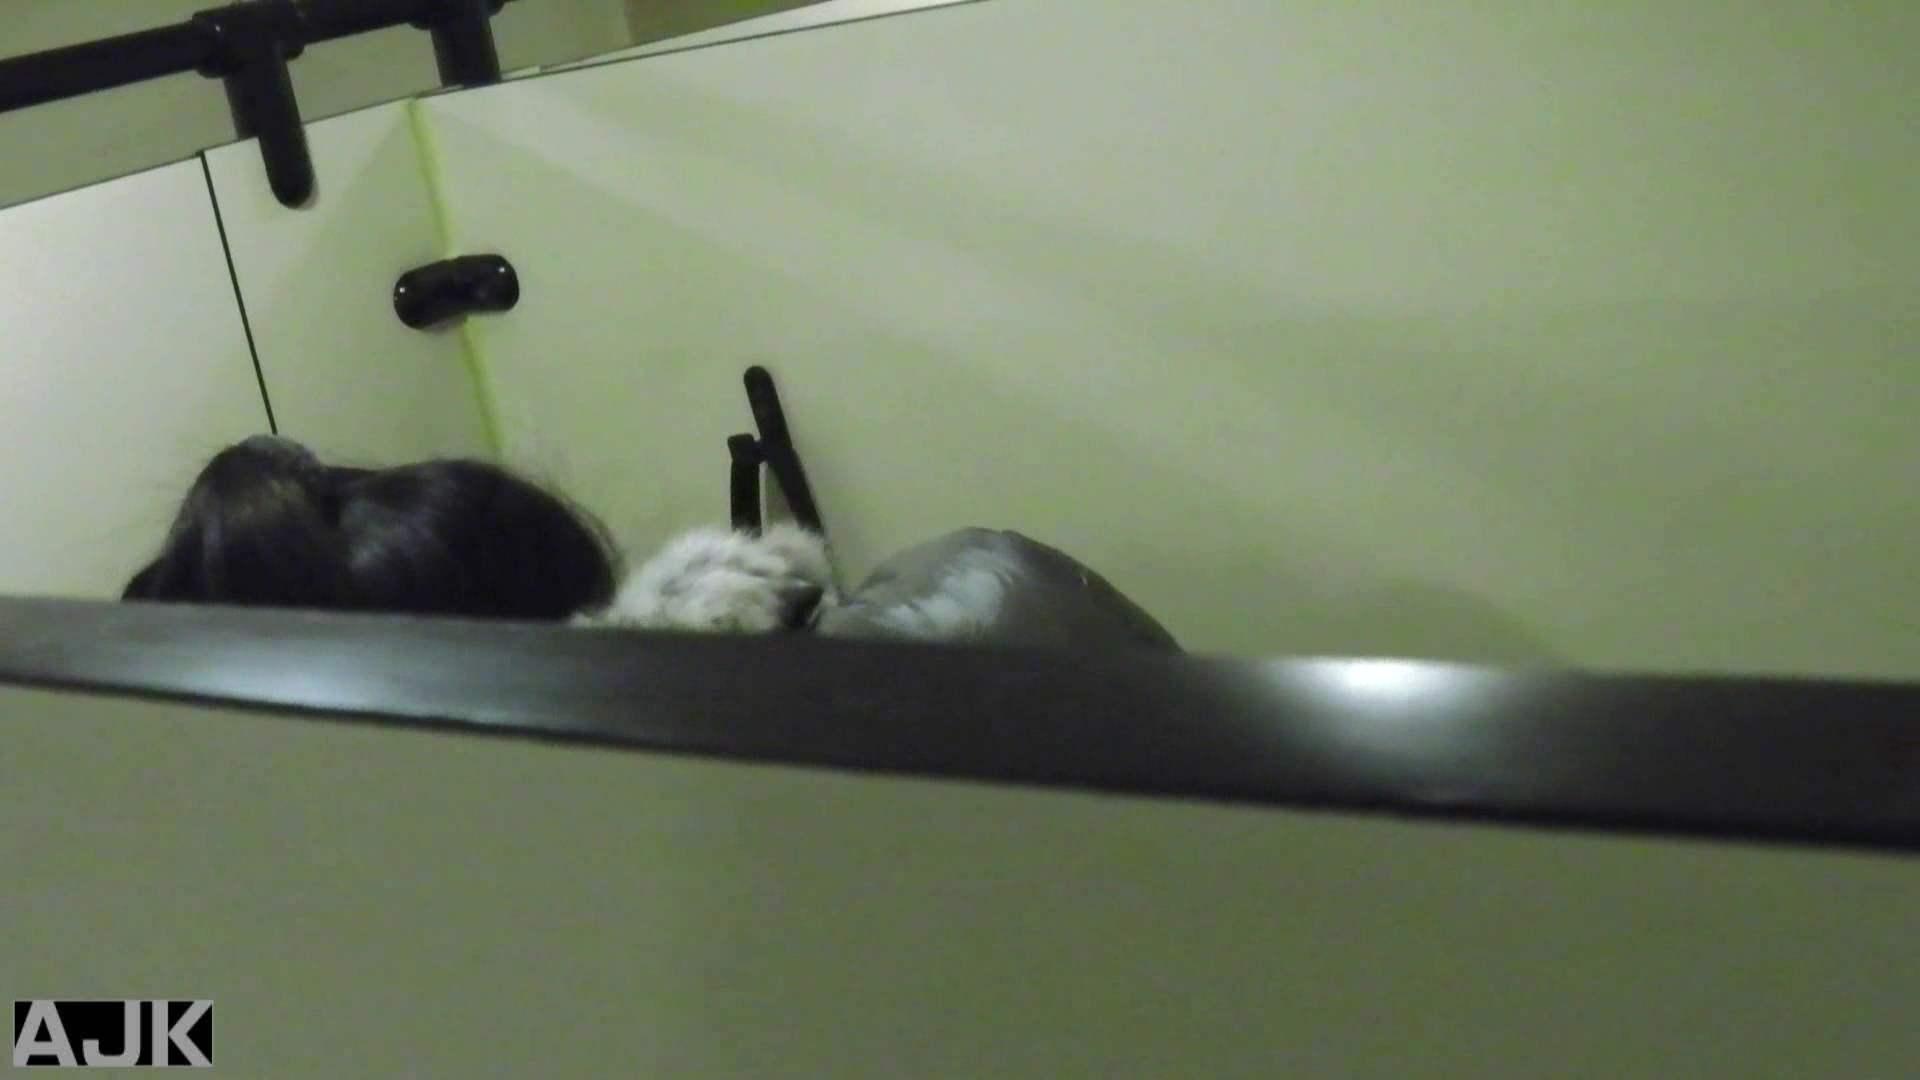 隣国上階級エリアの令嬢たちが集うデパートお手洗い Vol.19 マンコ  99枚 11